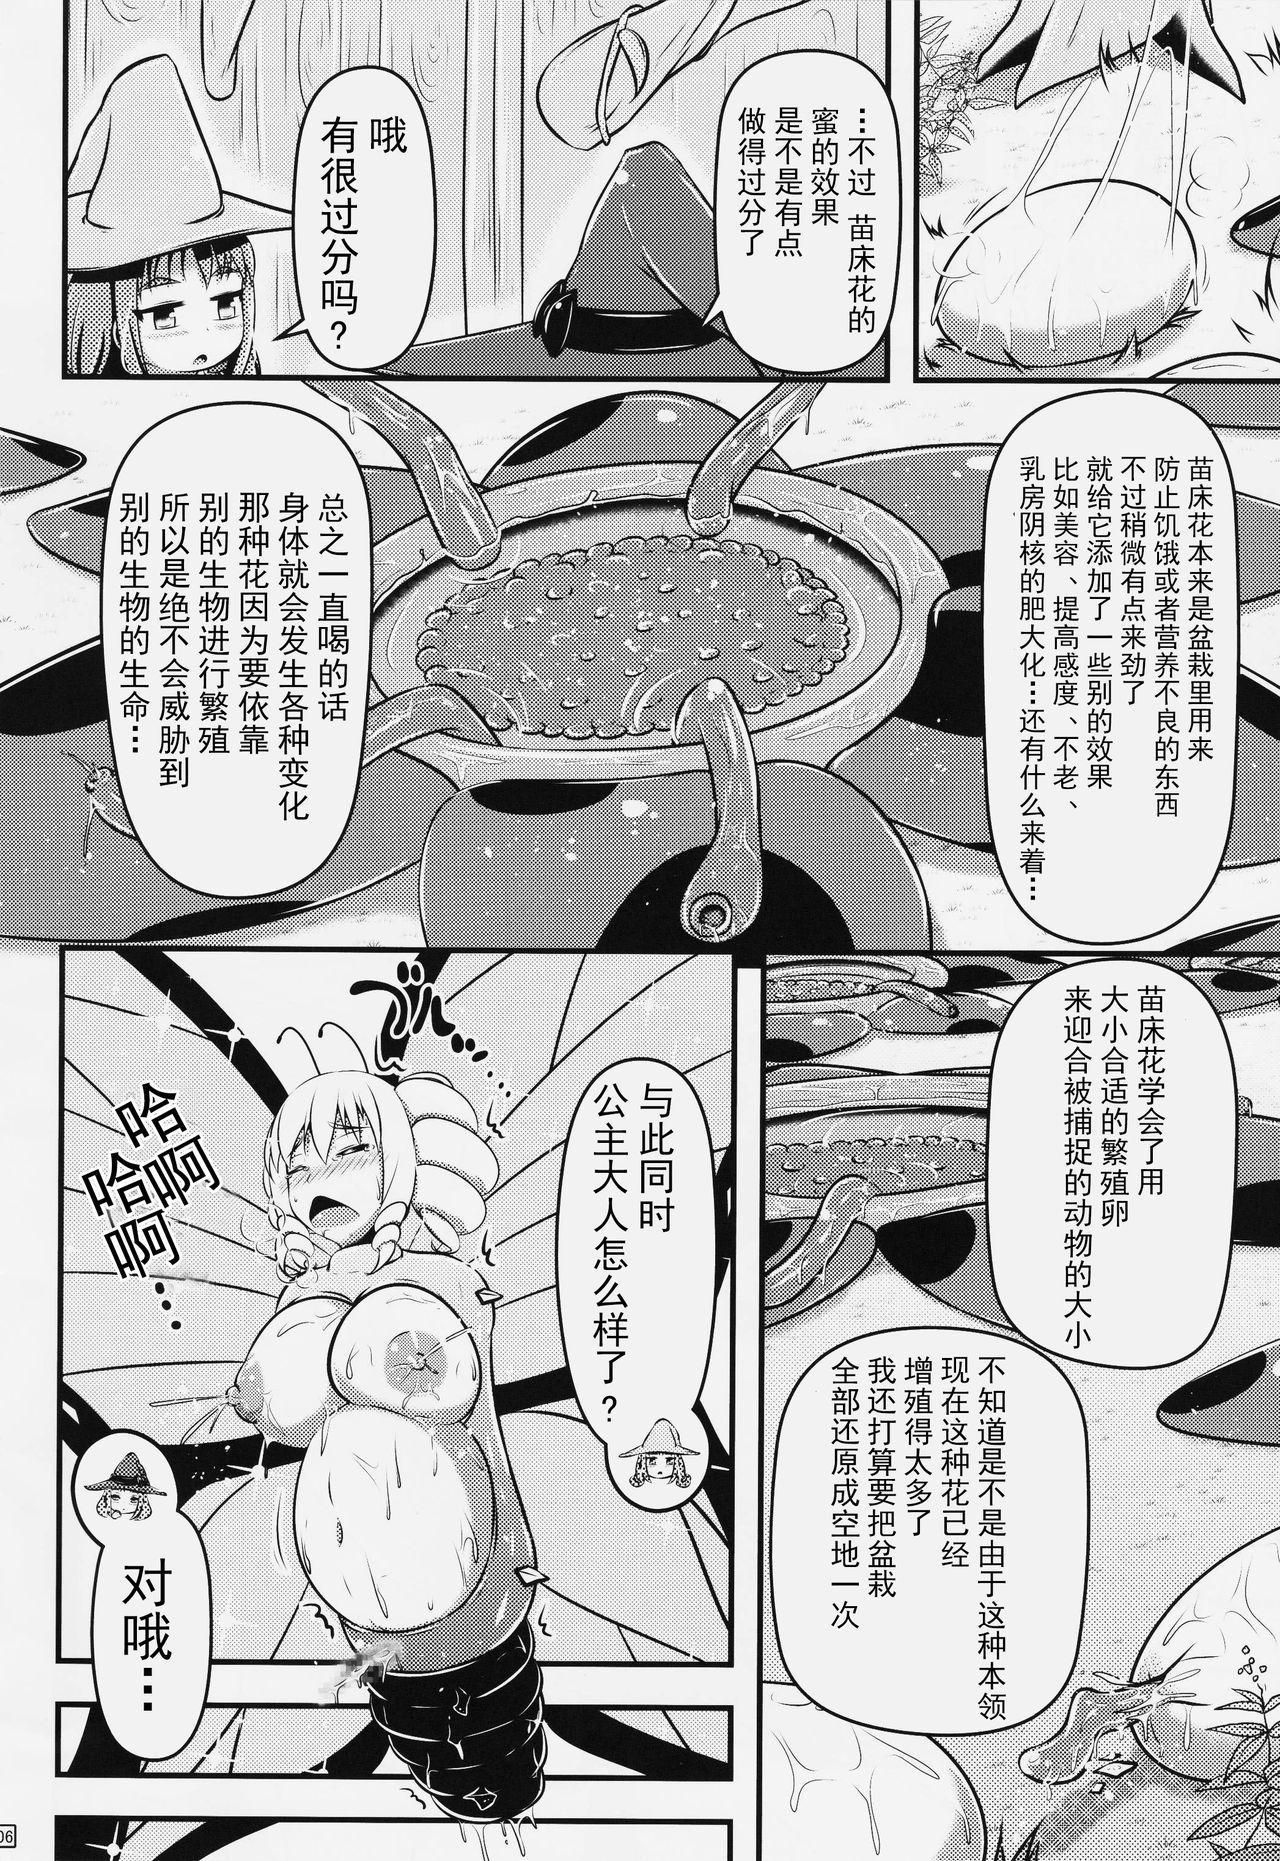 Chou ni Sareta Daruma Hime no Owaranai Funnyuu & Jingai Sanran   人偶蝴蝶姬:永无止境的喷乳&人外产卵 33